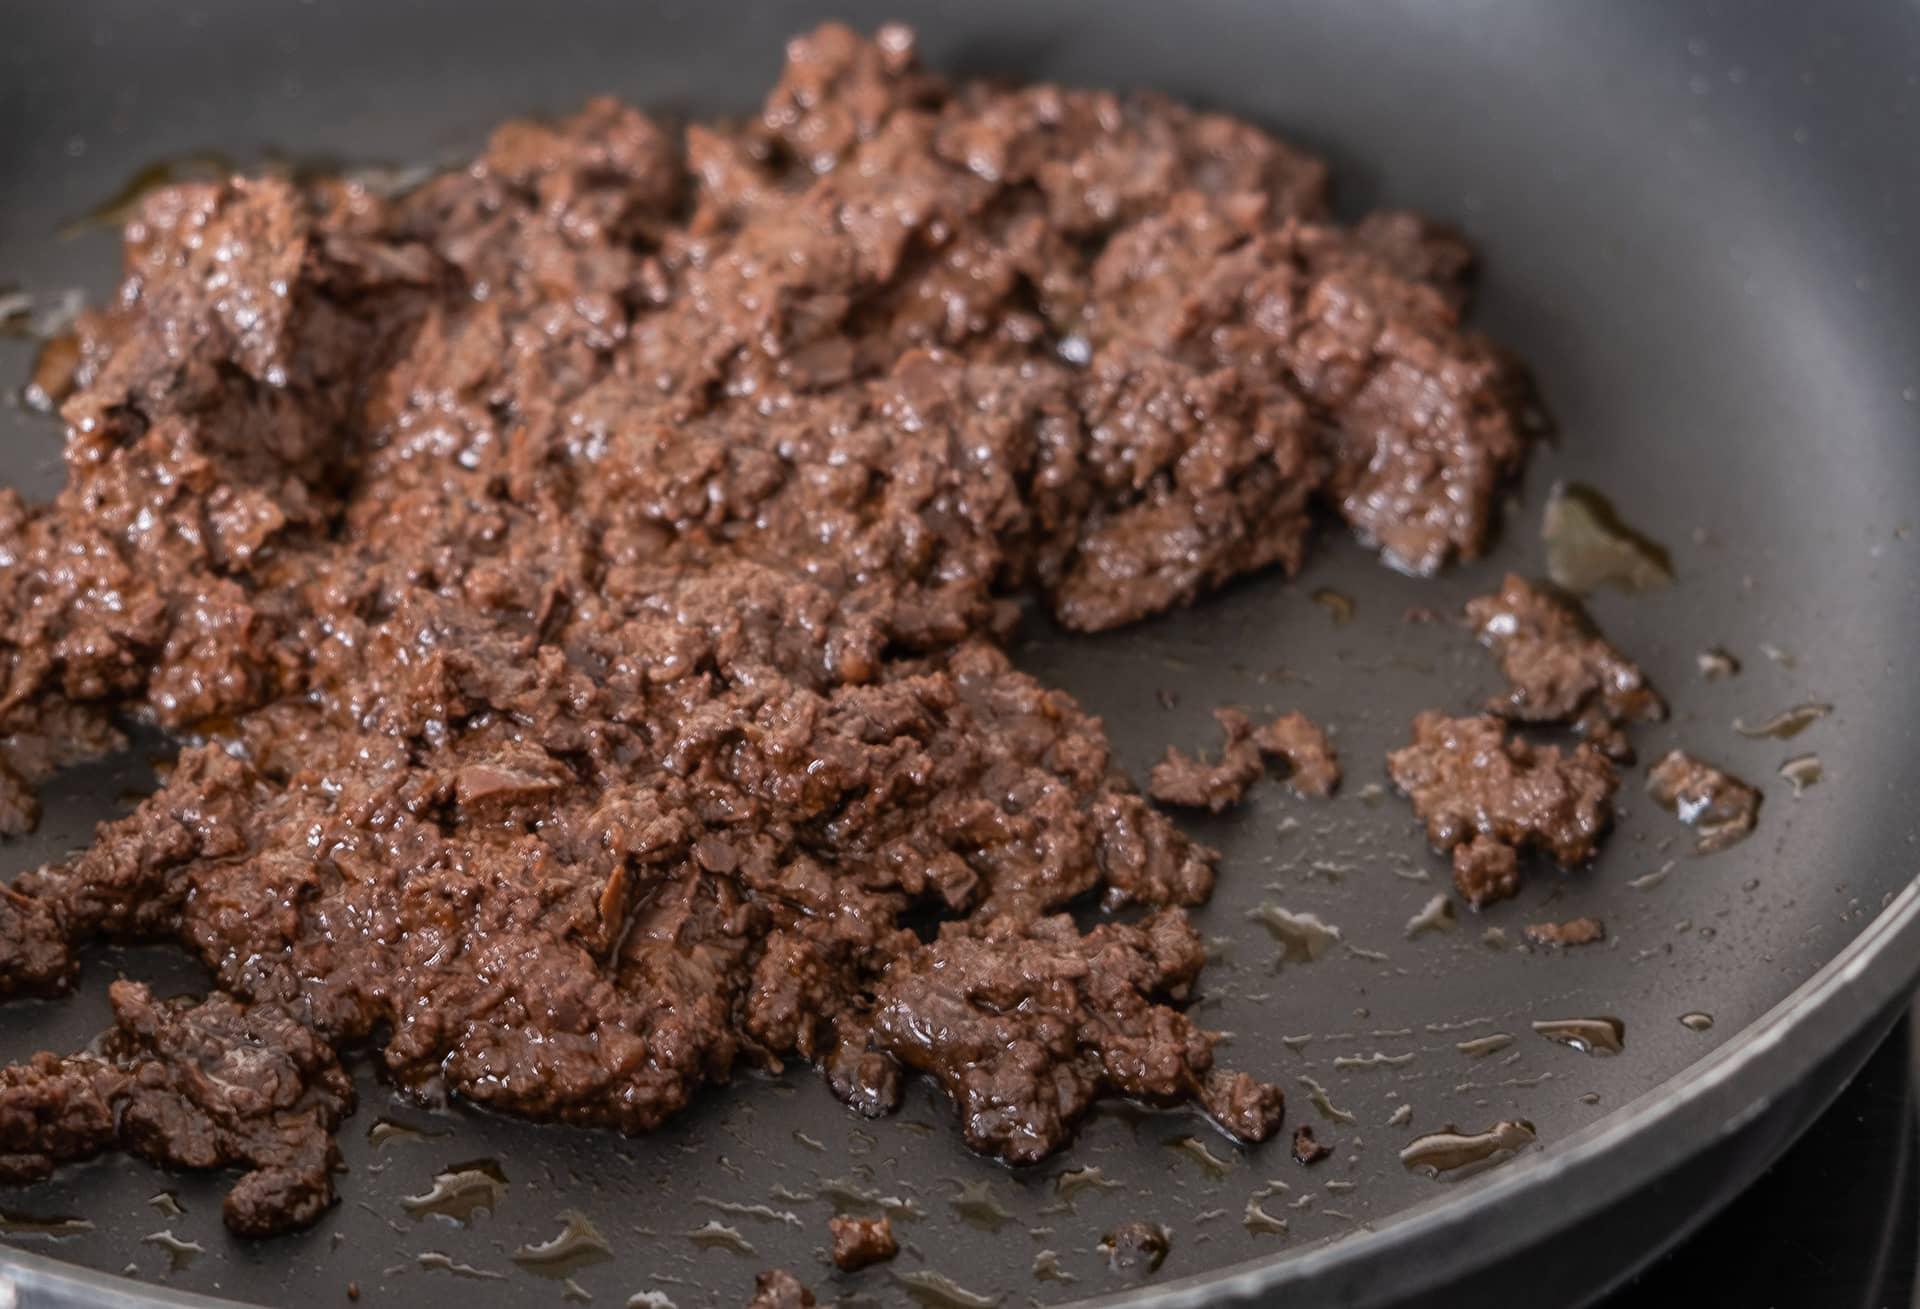 morcilla de León Villamoros cocinándose en la sartén